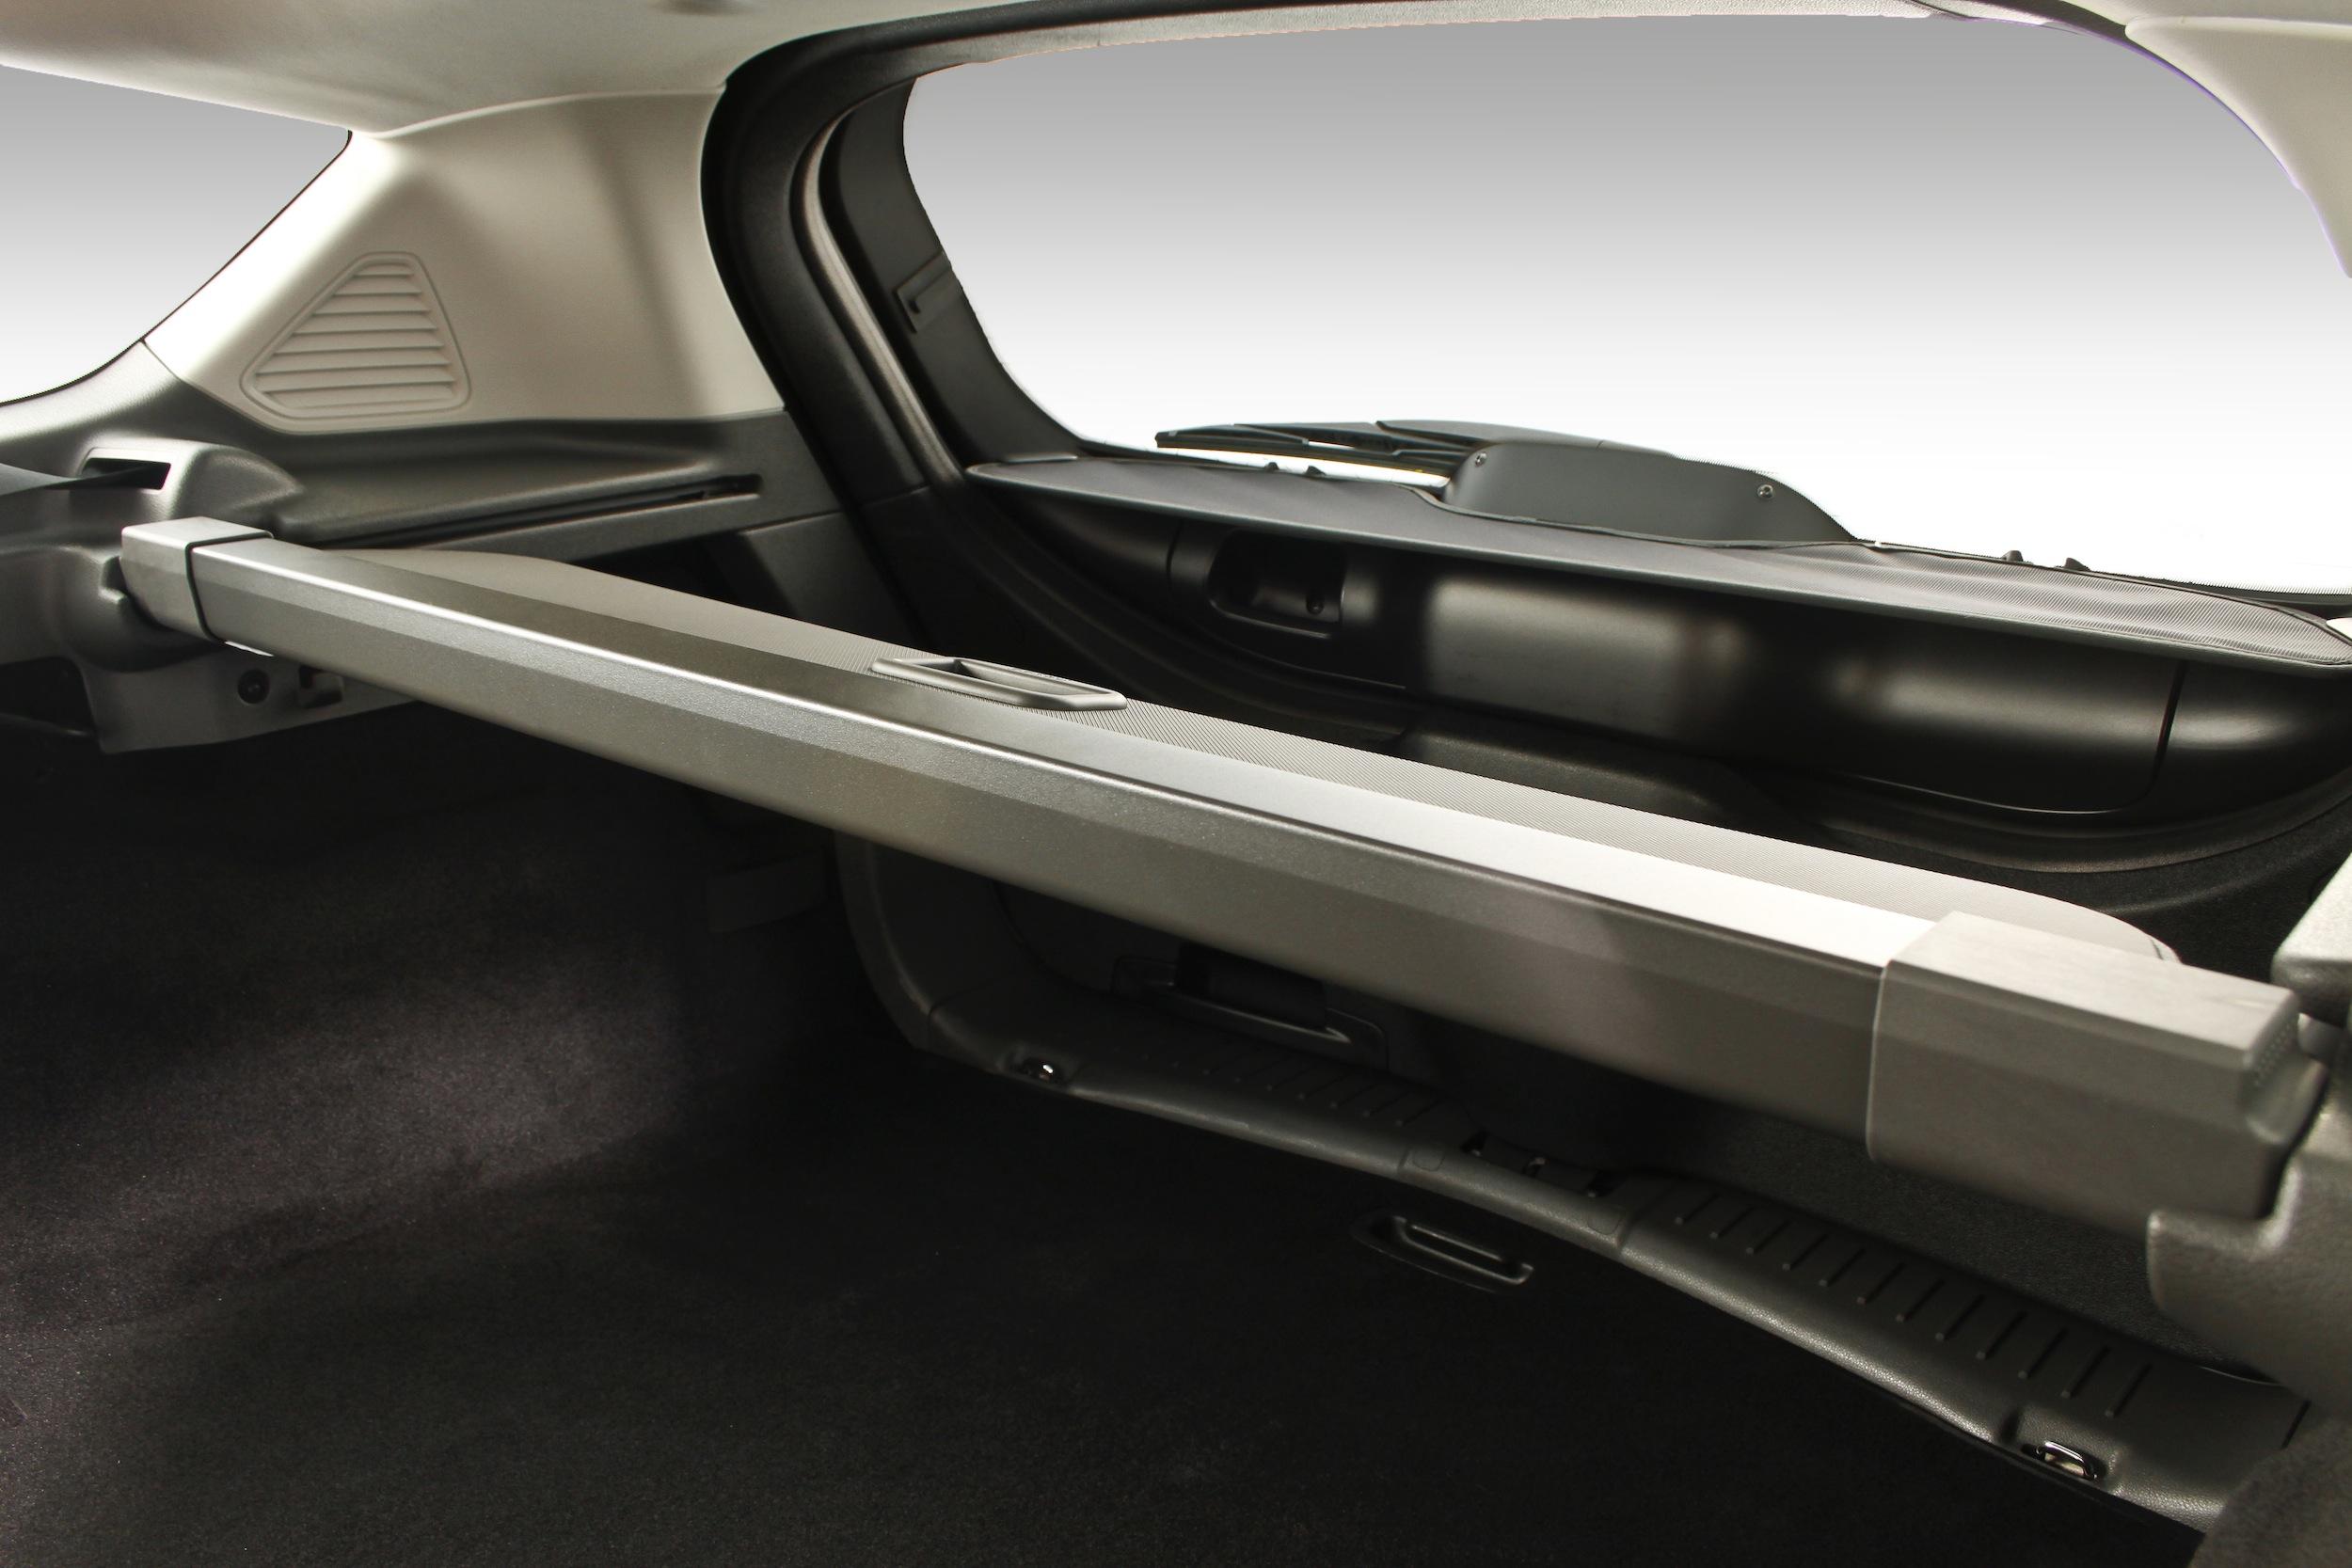 Image Result For Ford Kuga Water Ingress